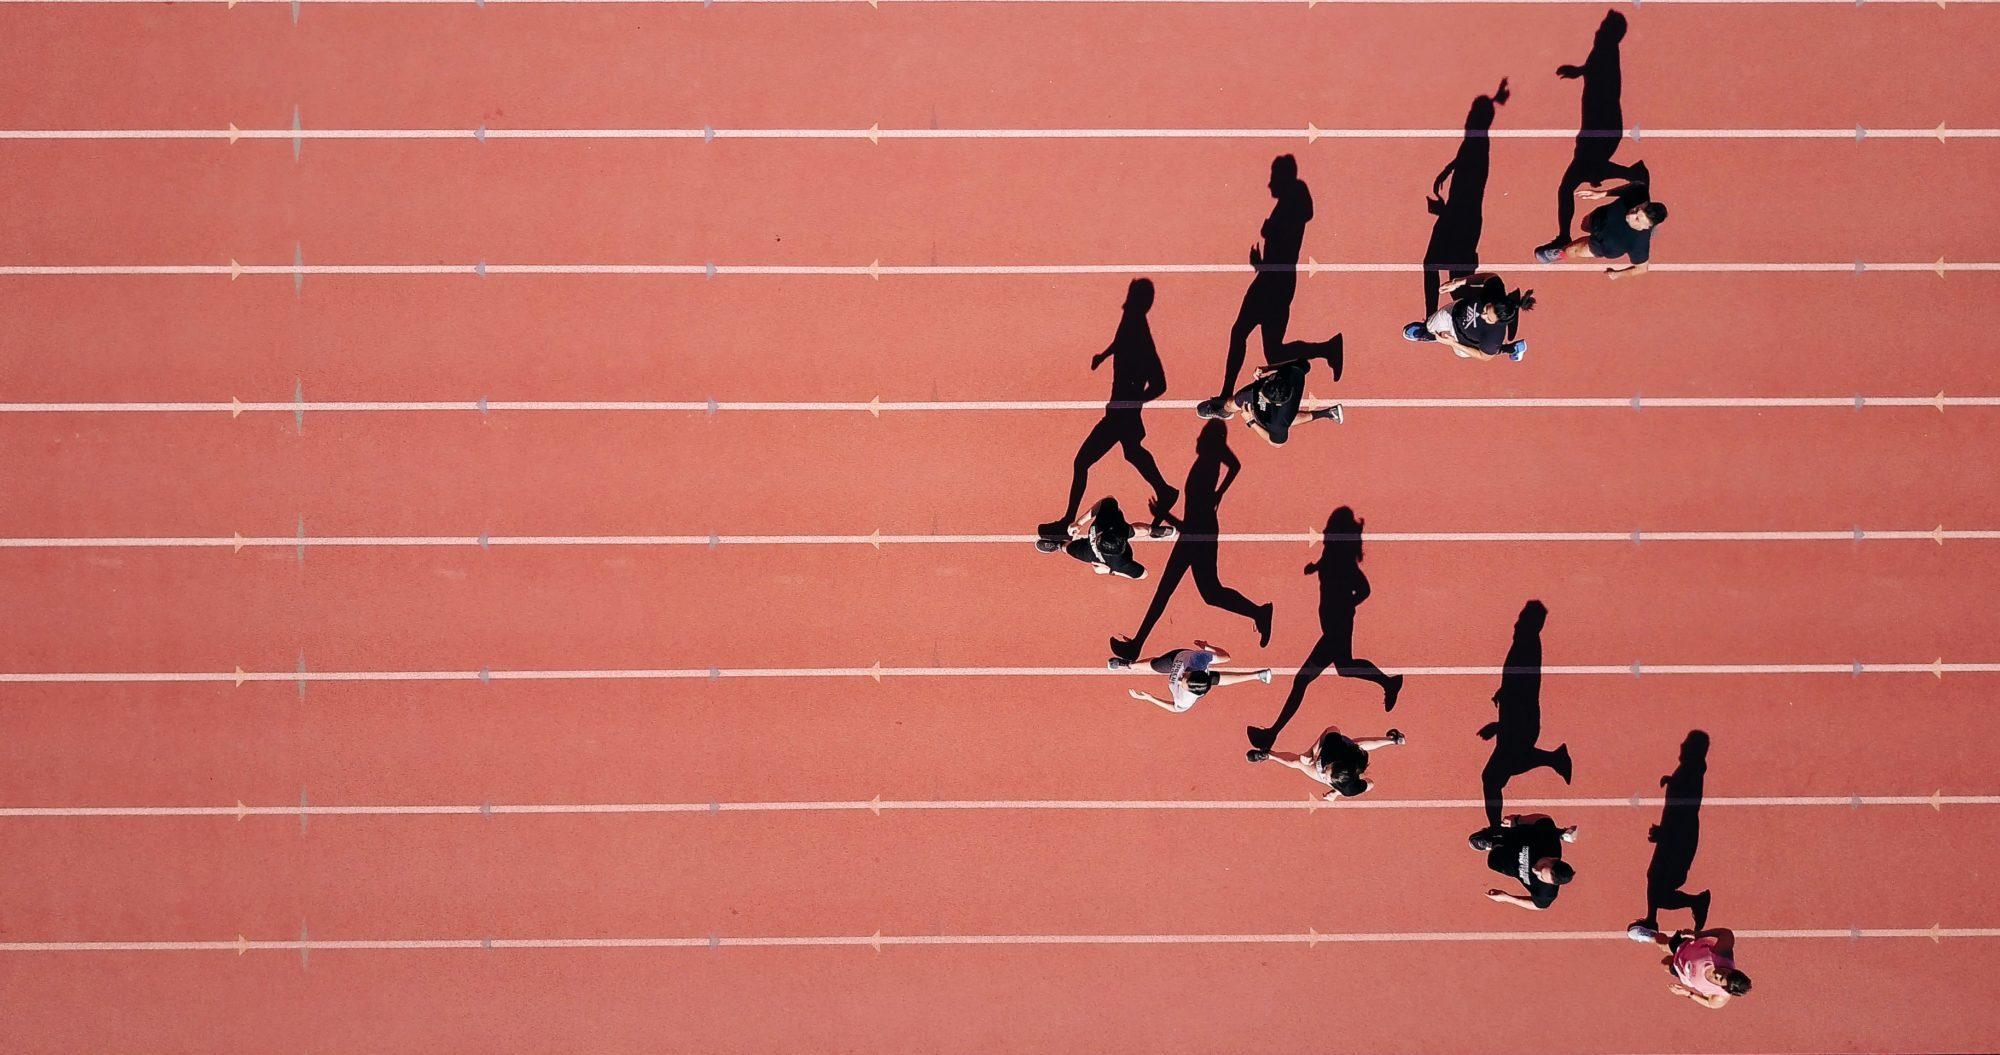 走る人たち